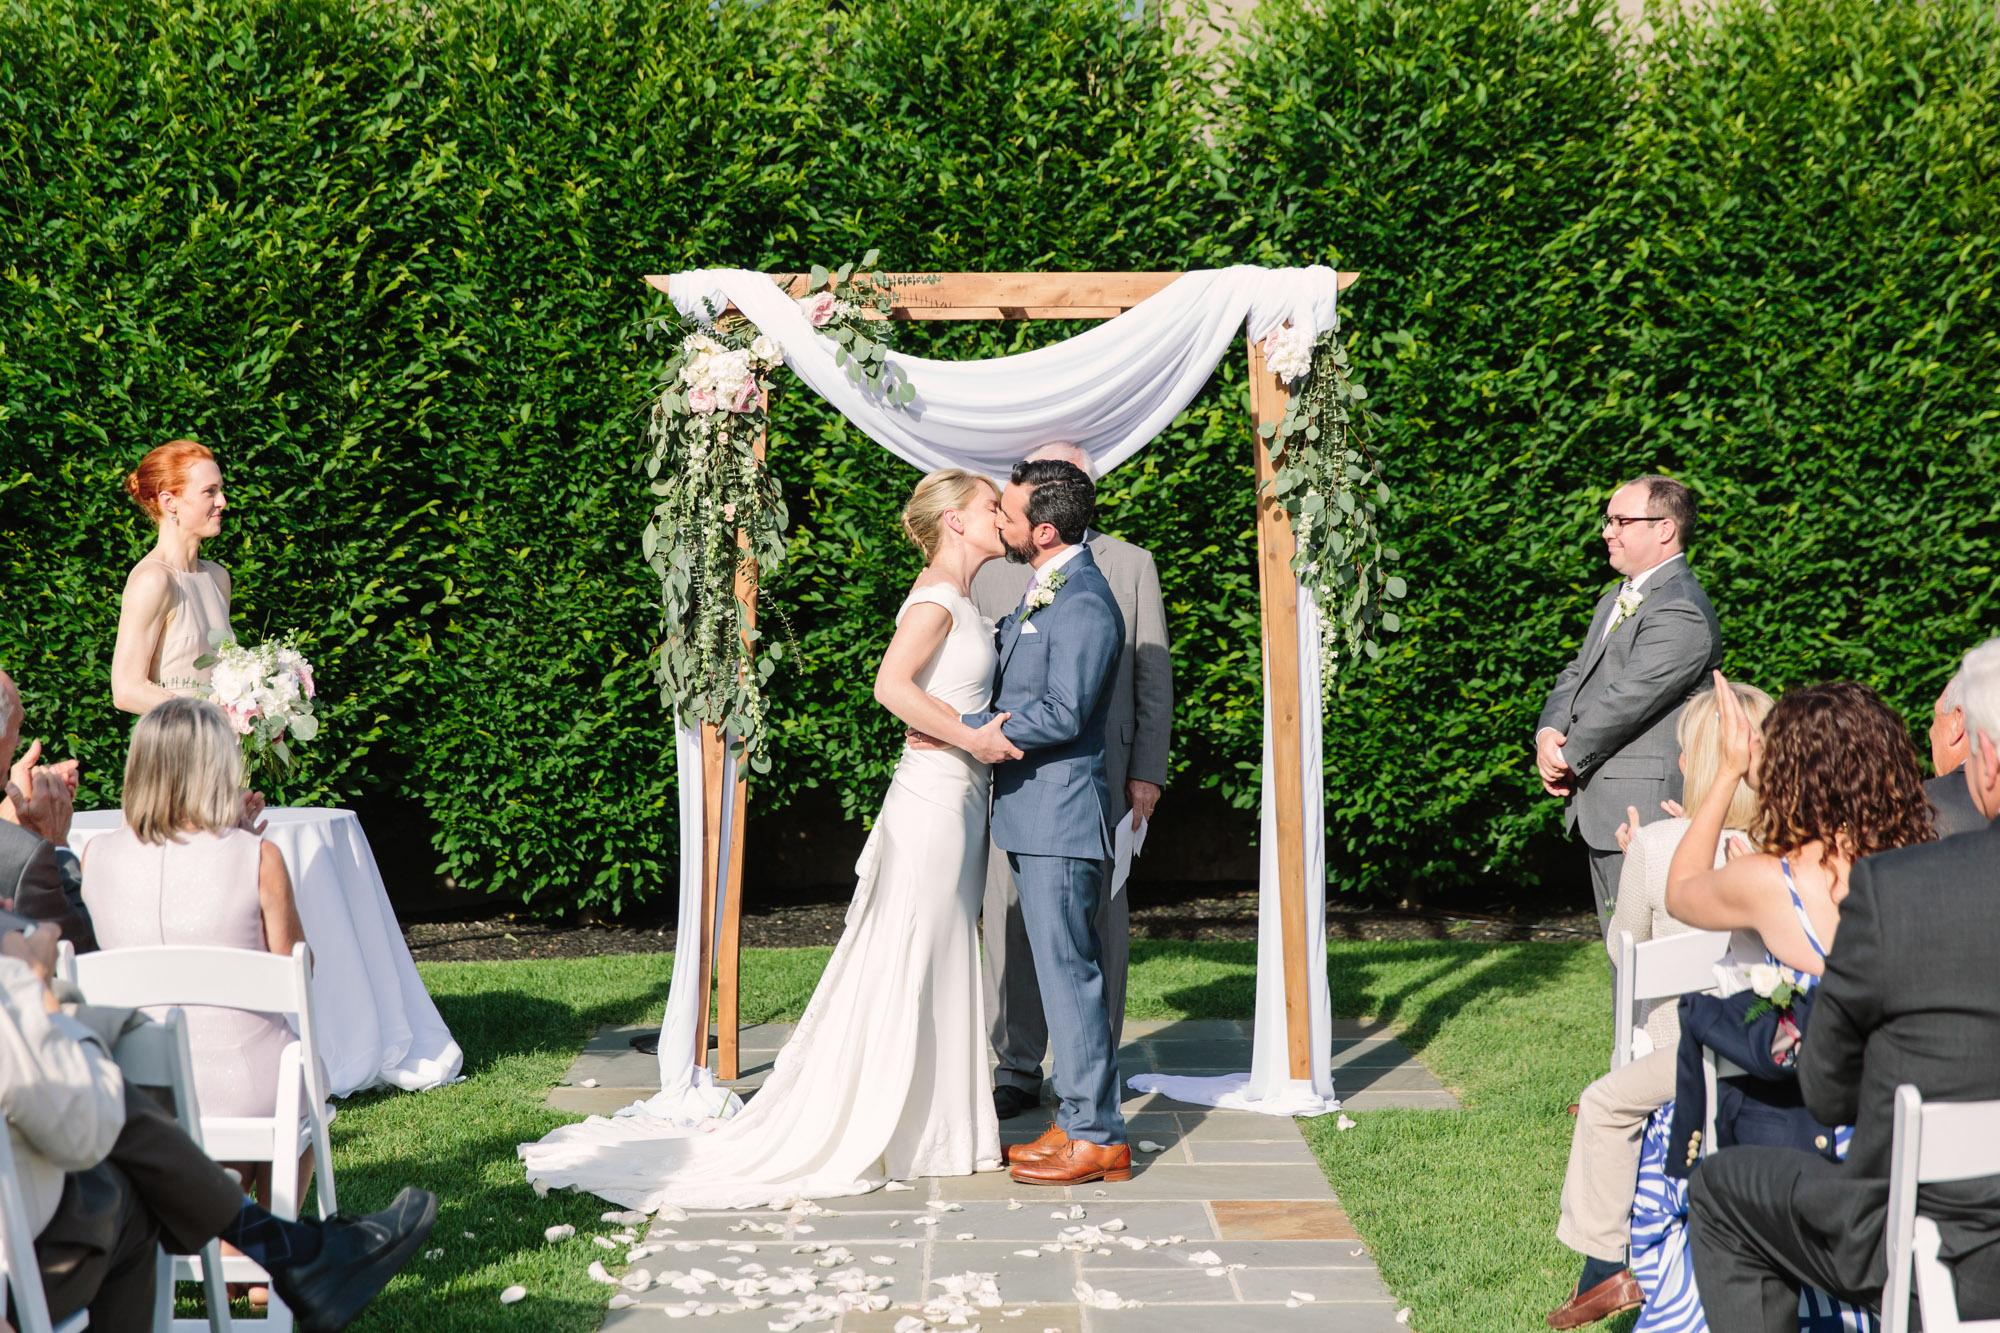 47_Rowan_Brian_The_Roundhouse_Wedding_Beacon_NY_Tanya_Salaza_Photography_593.jpg